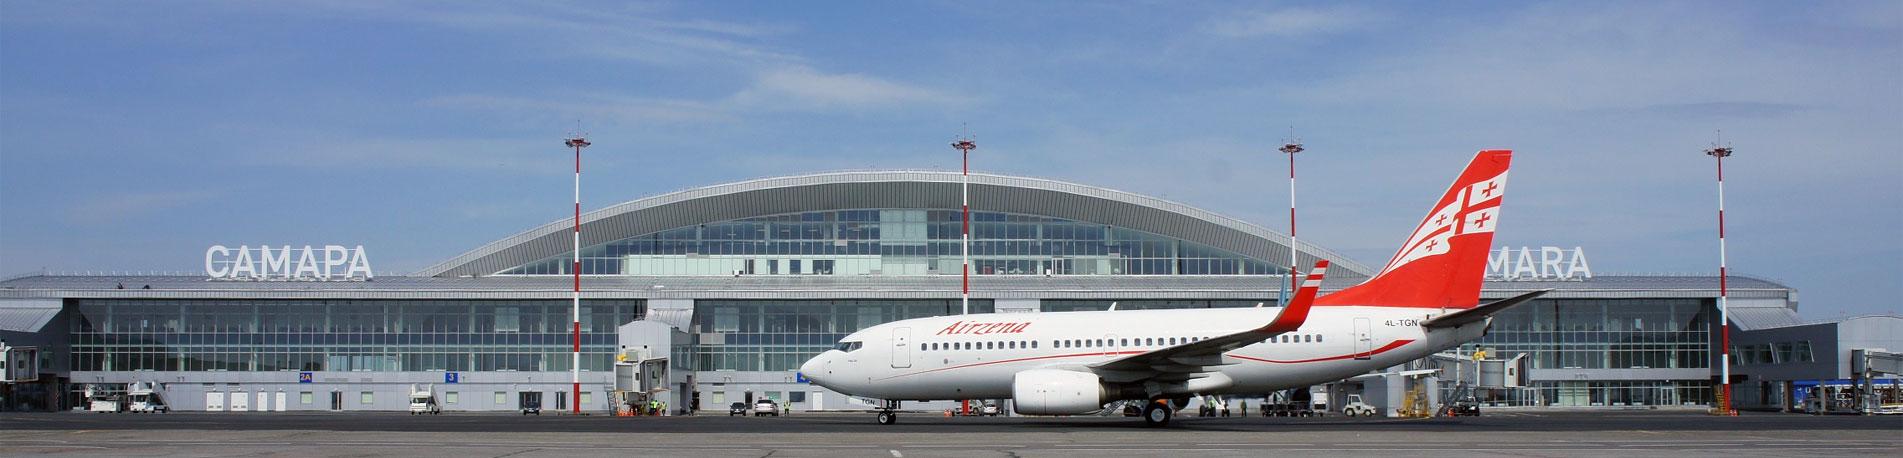 Авиакомпания Аэрофлот Заказ авиабилетов на рейсы Аэрофлота